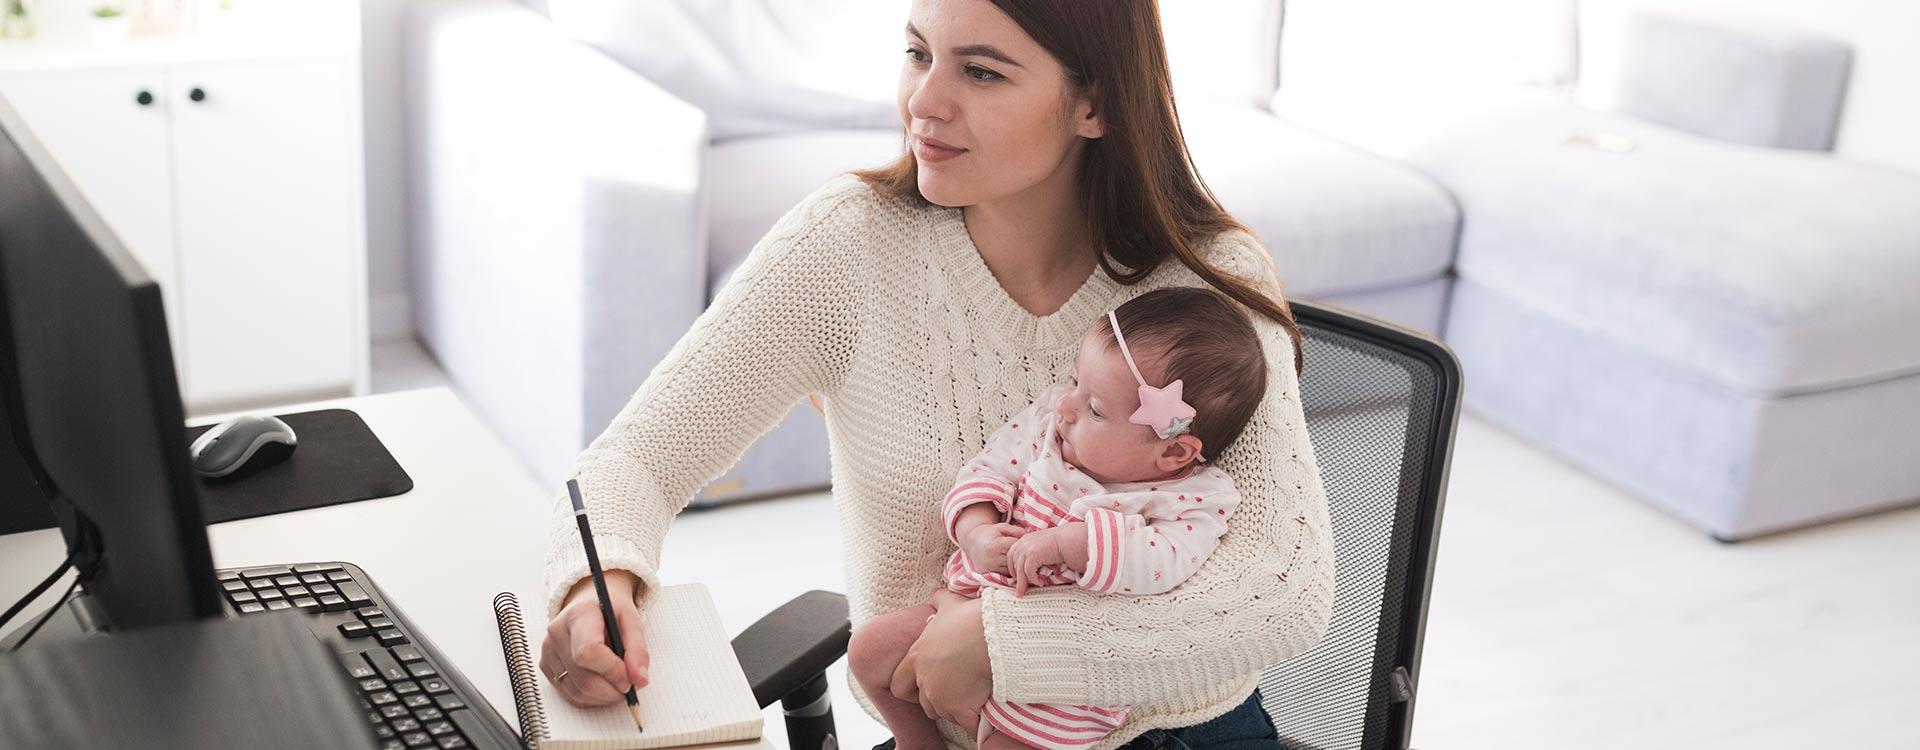 aequitasabogados-madre-maternidad-derechos-derecholaboral-talavera